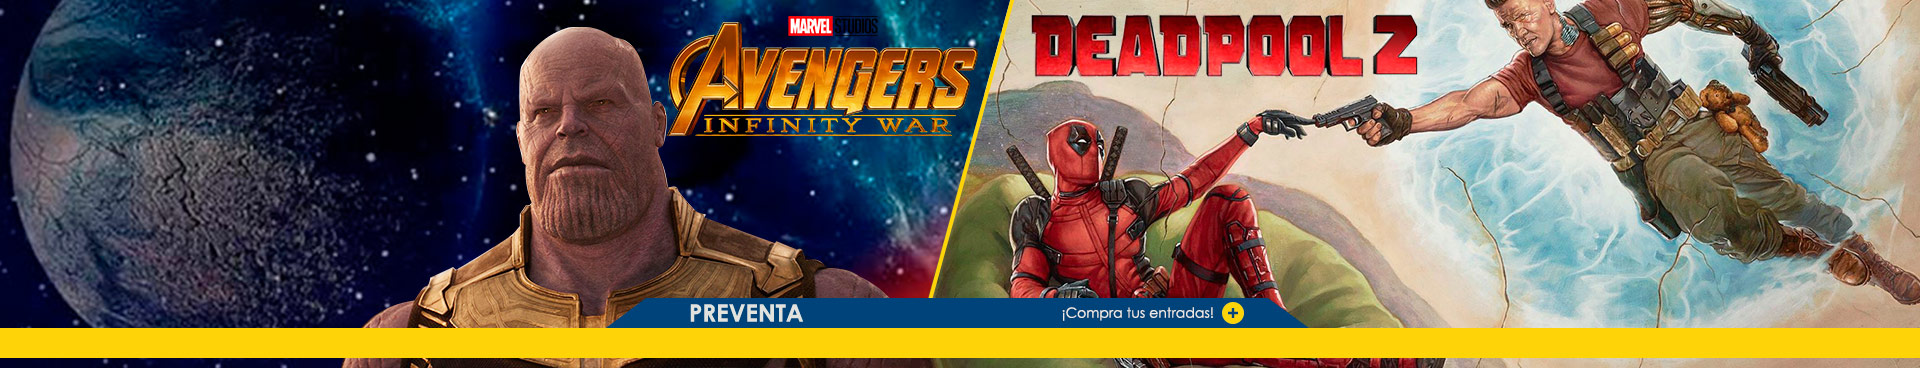 Preventa Avengers + Deadpool